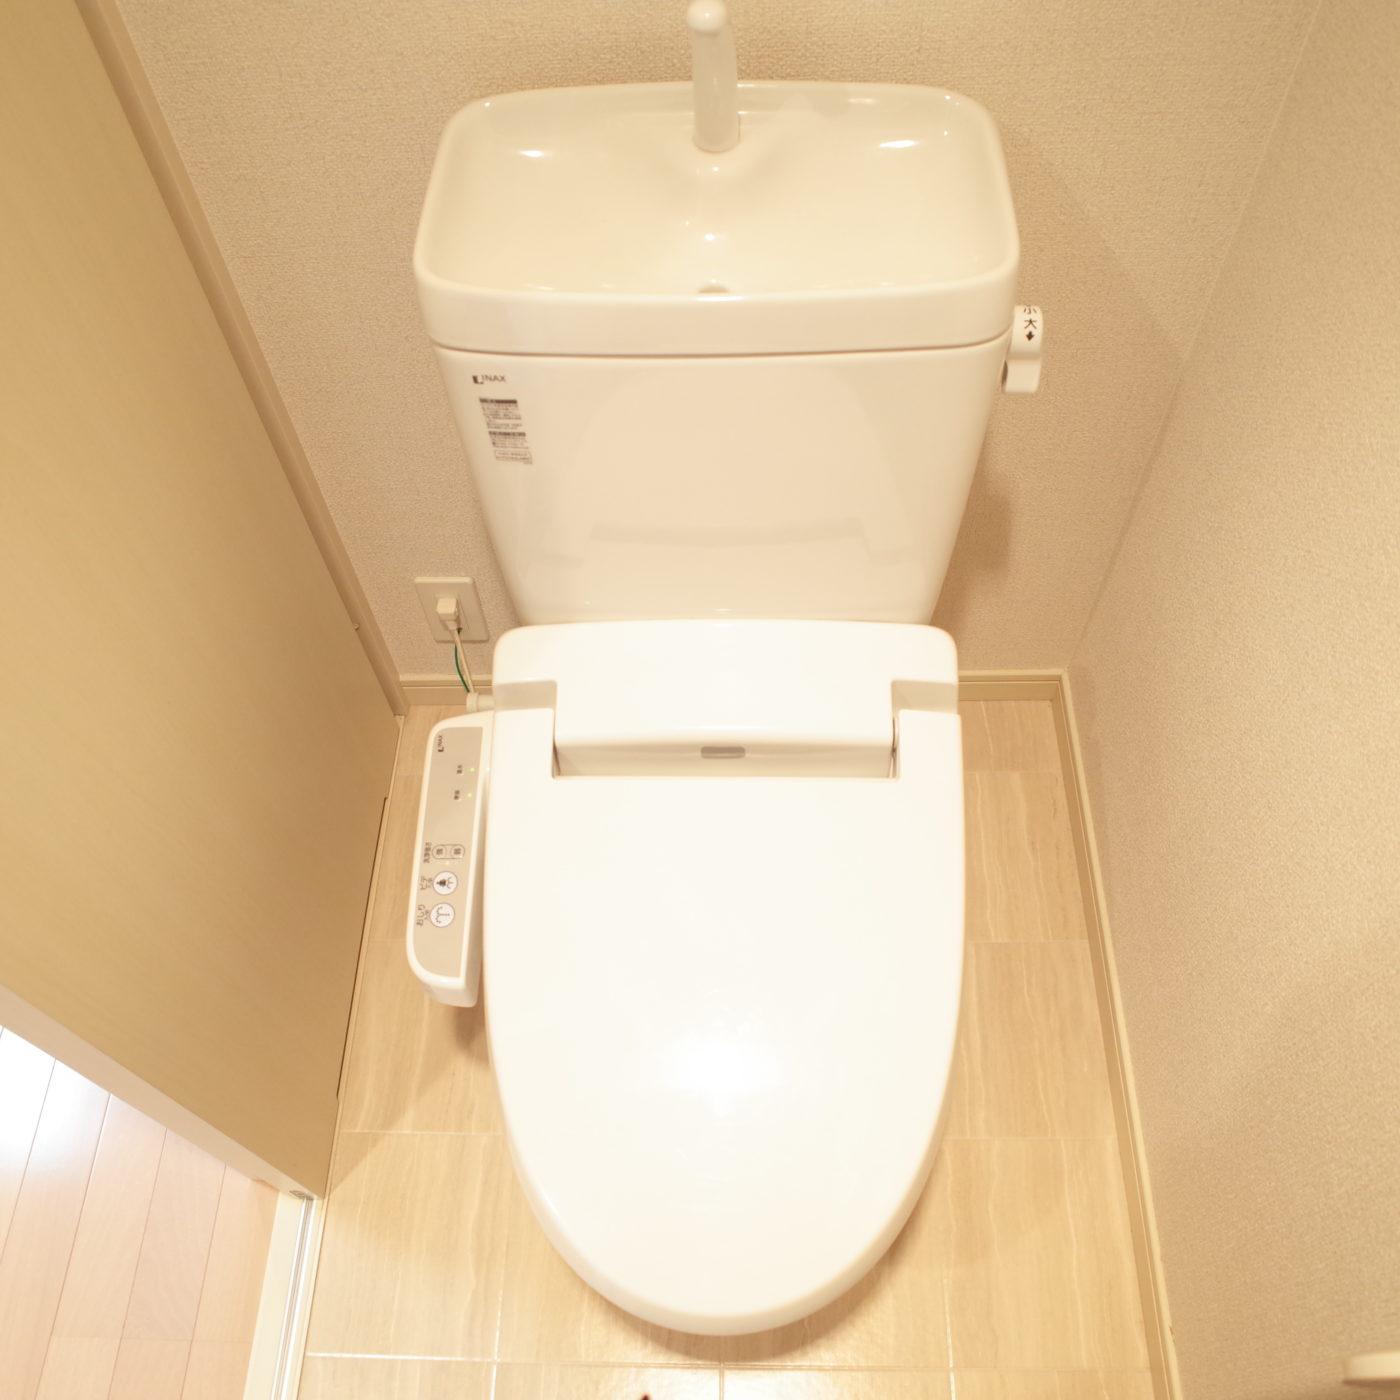 九大 伊都 学生専用 クレシア トイレ